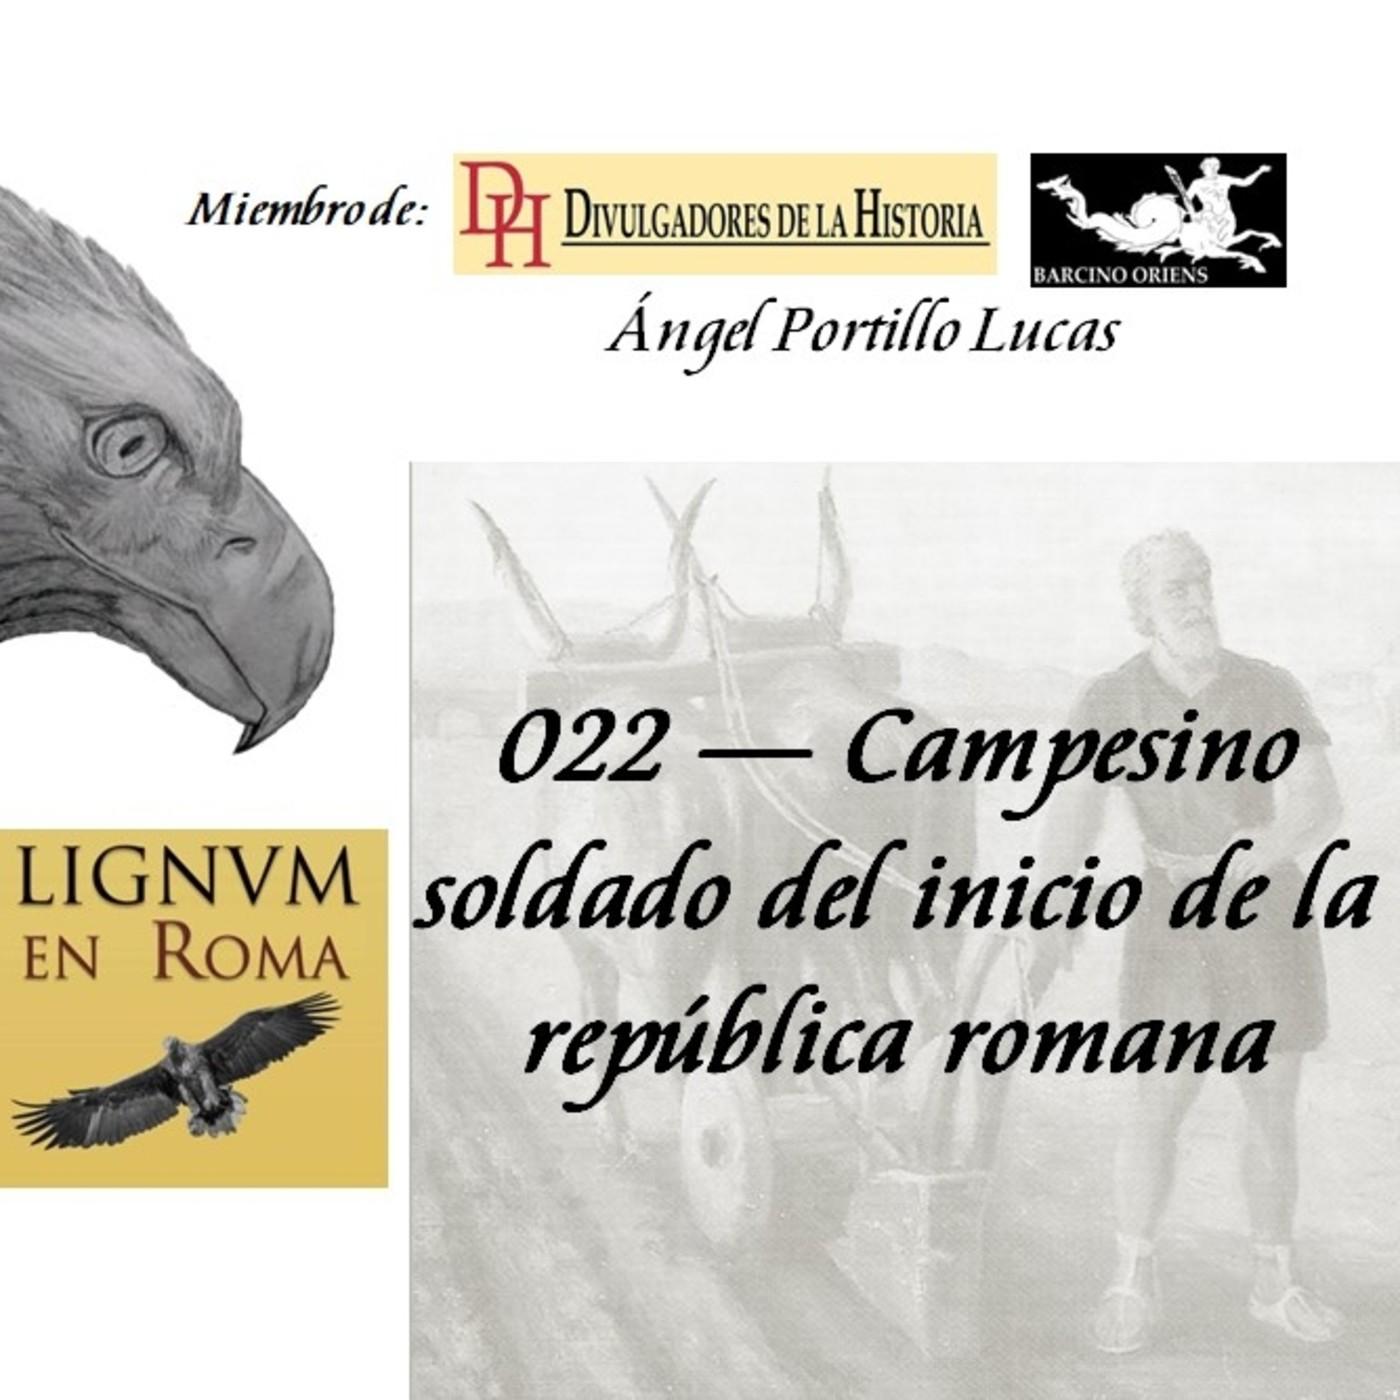 022 — Campesino soldado del inicio de la república romana.